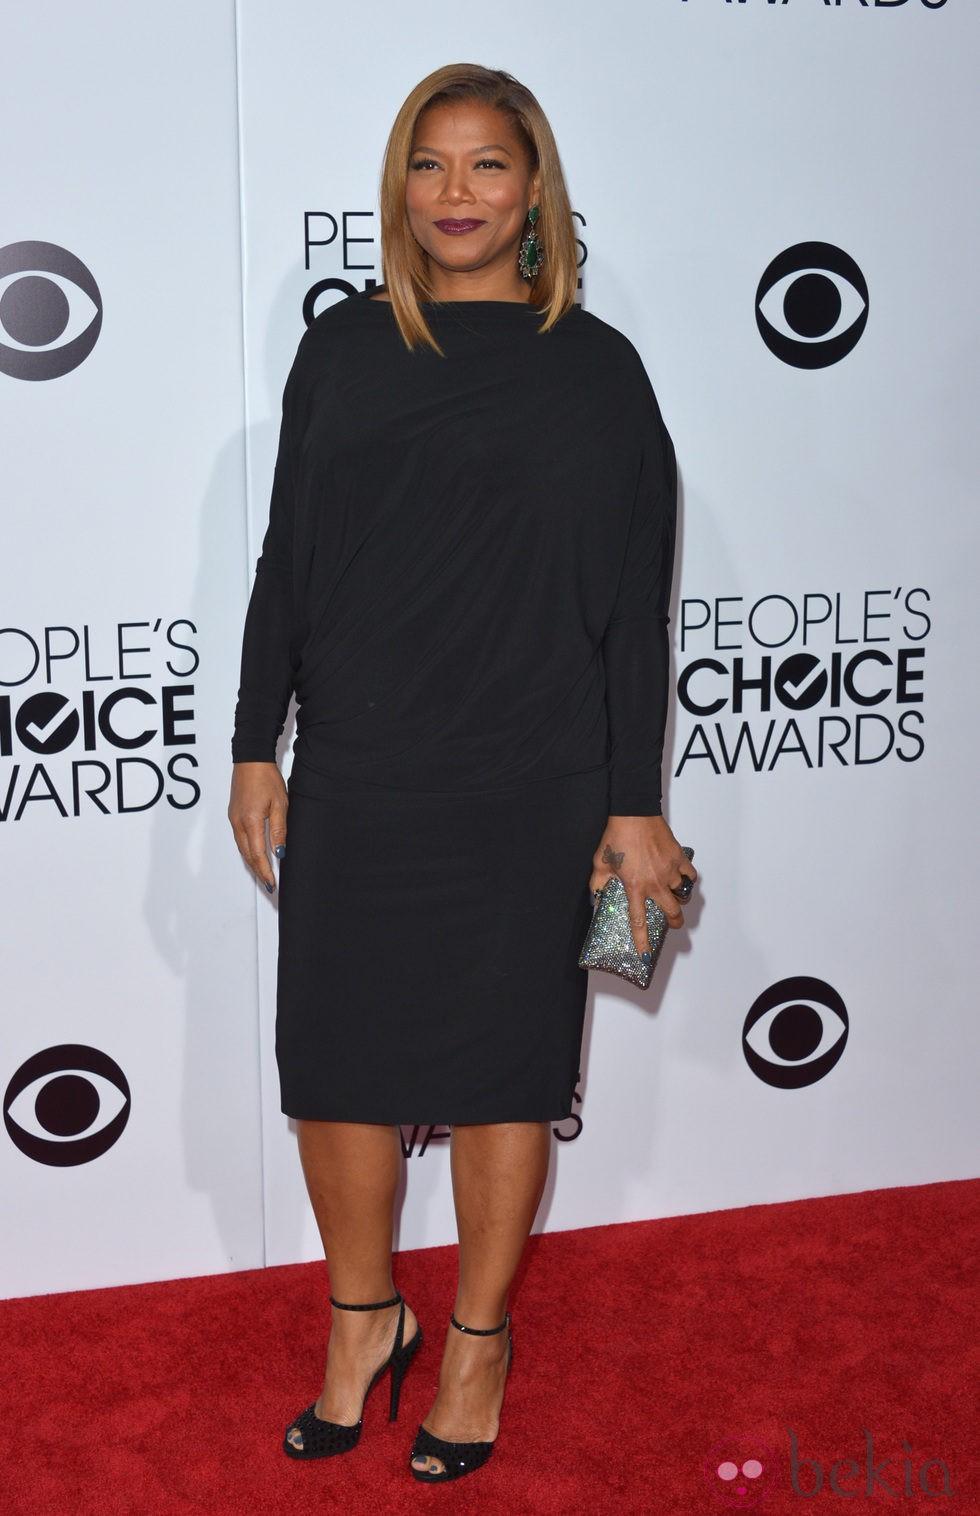 Queen Latifah en la alfombra roja de los People's Choice Awards 2014